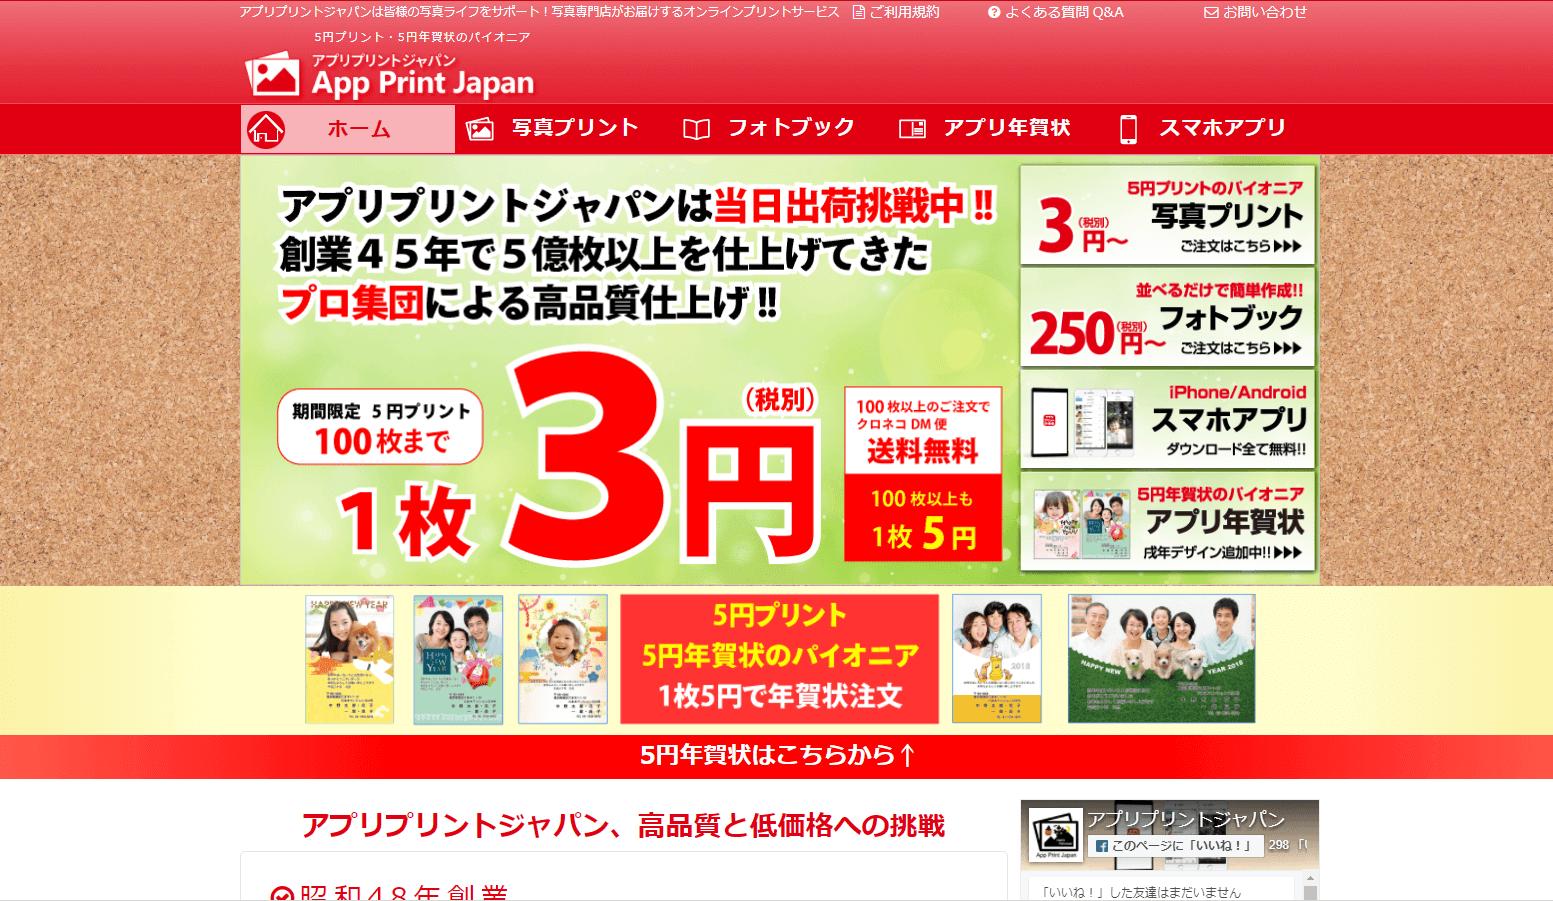 アプリプリントジャパン